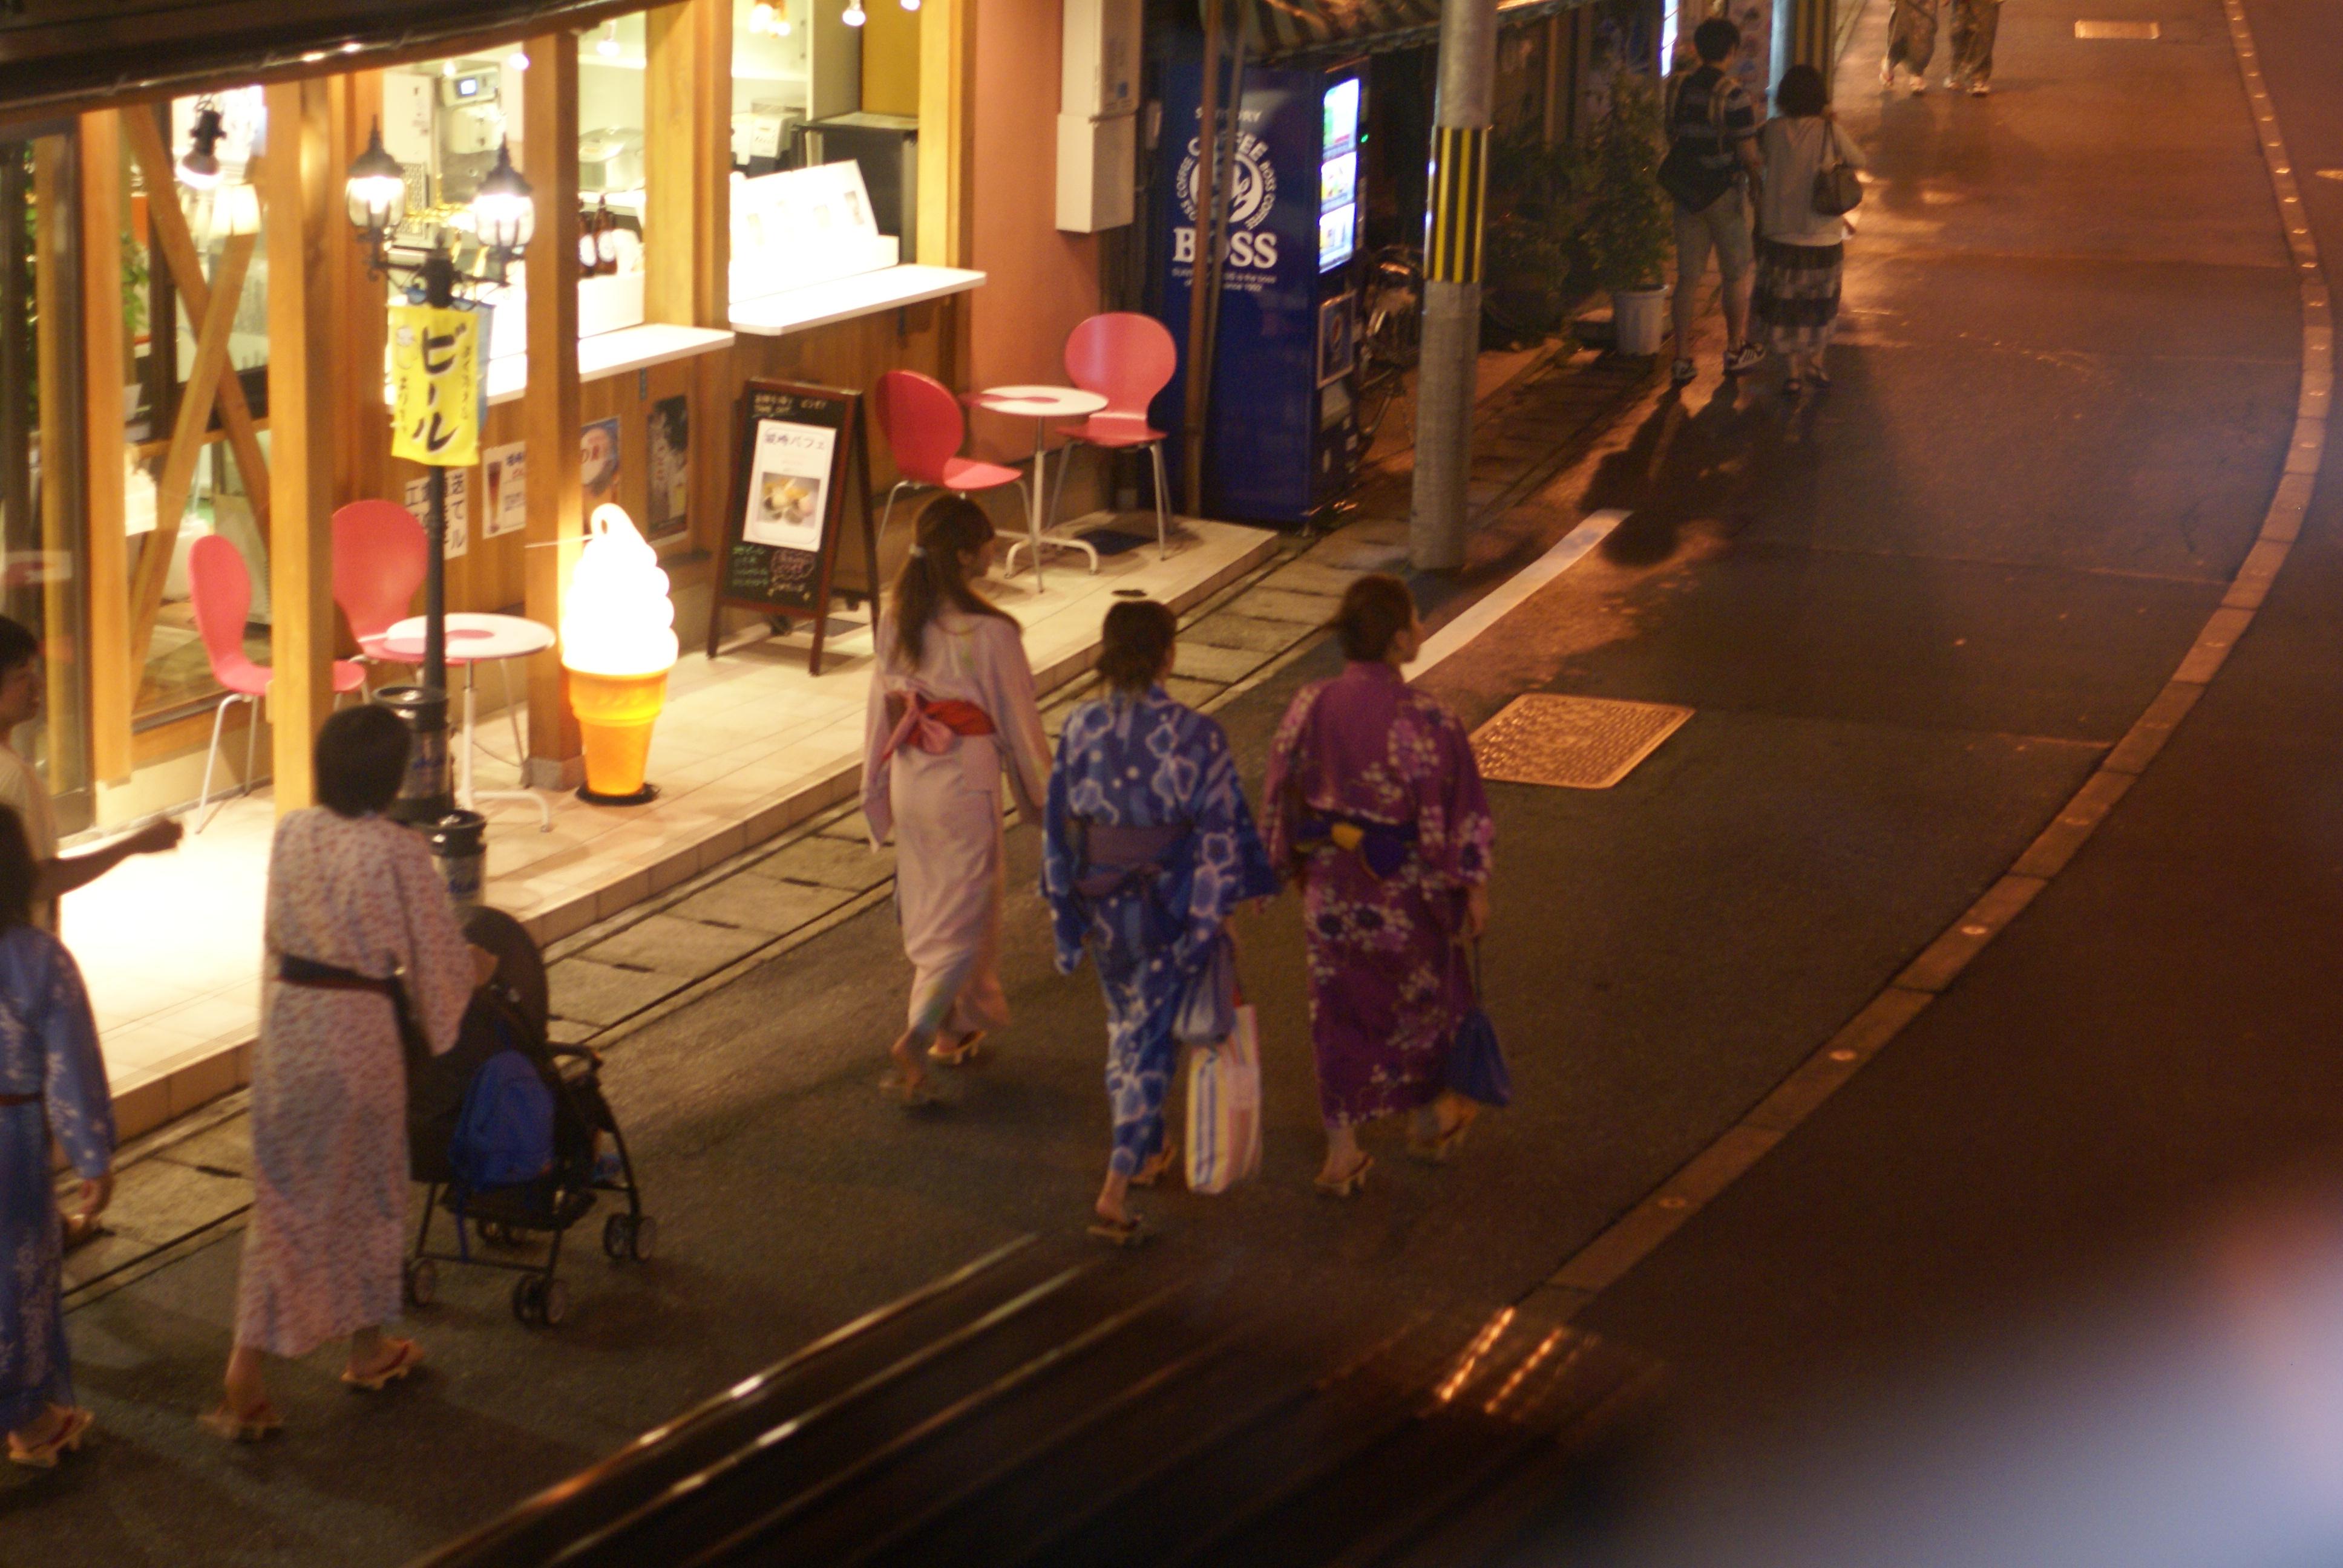 Street in Kinosakionsen